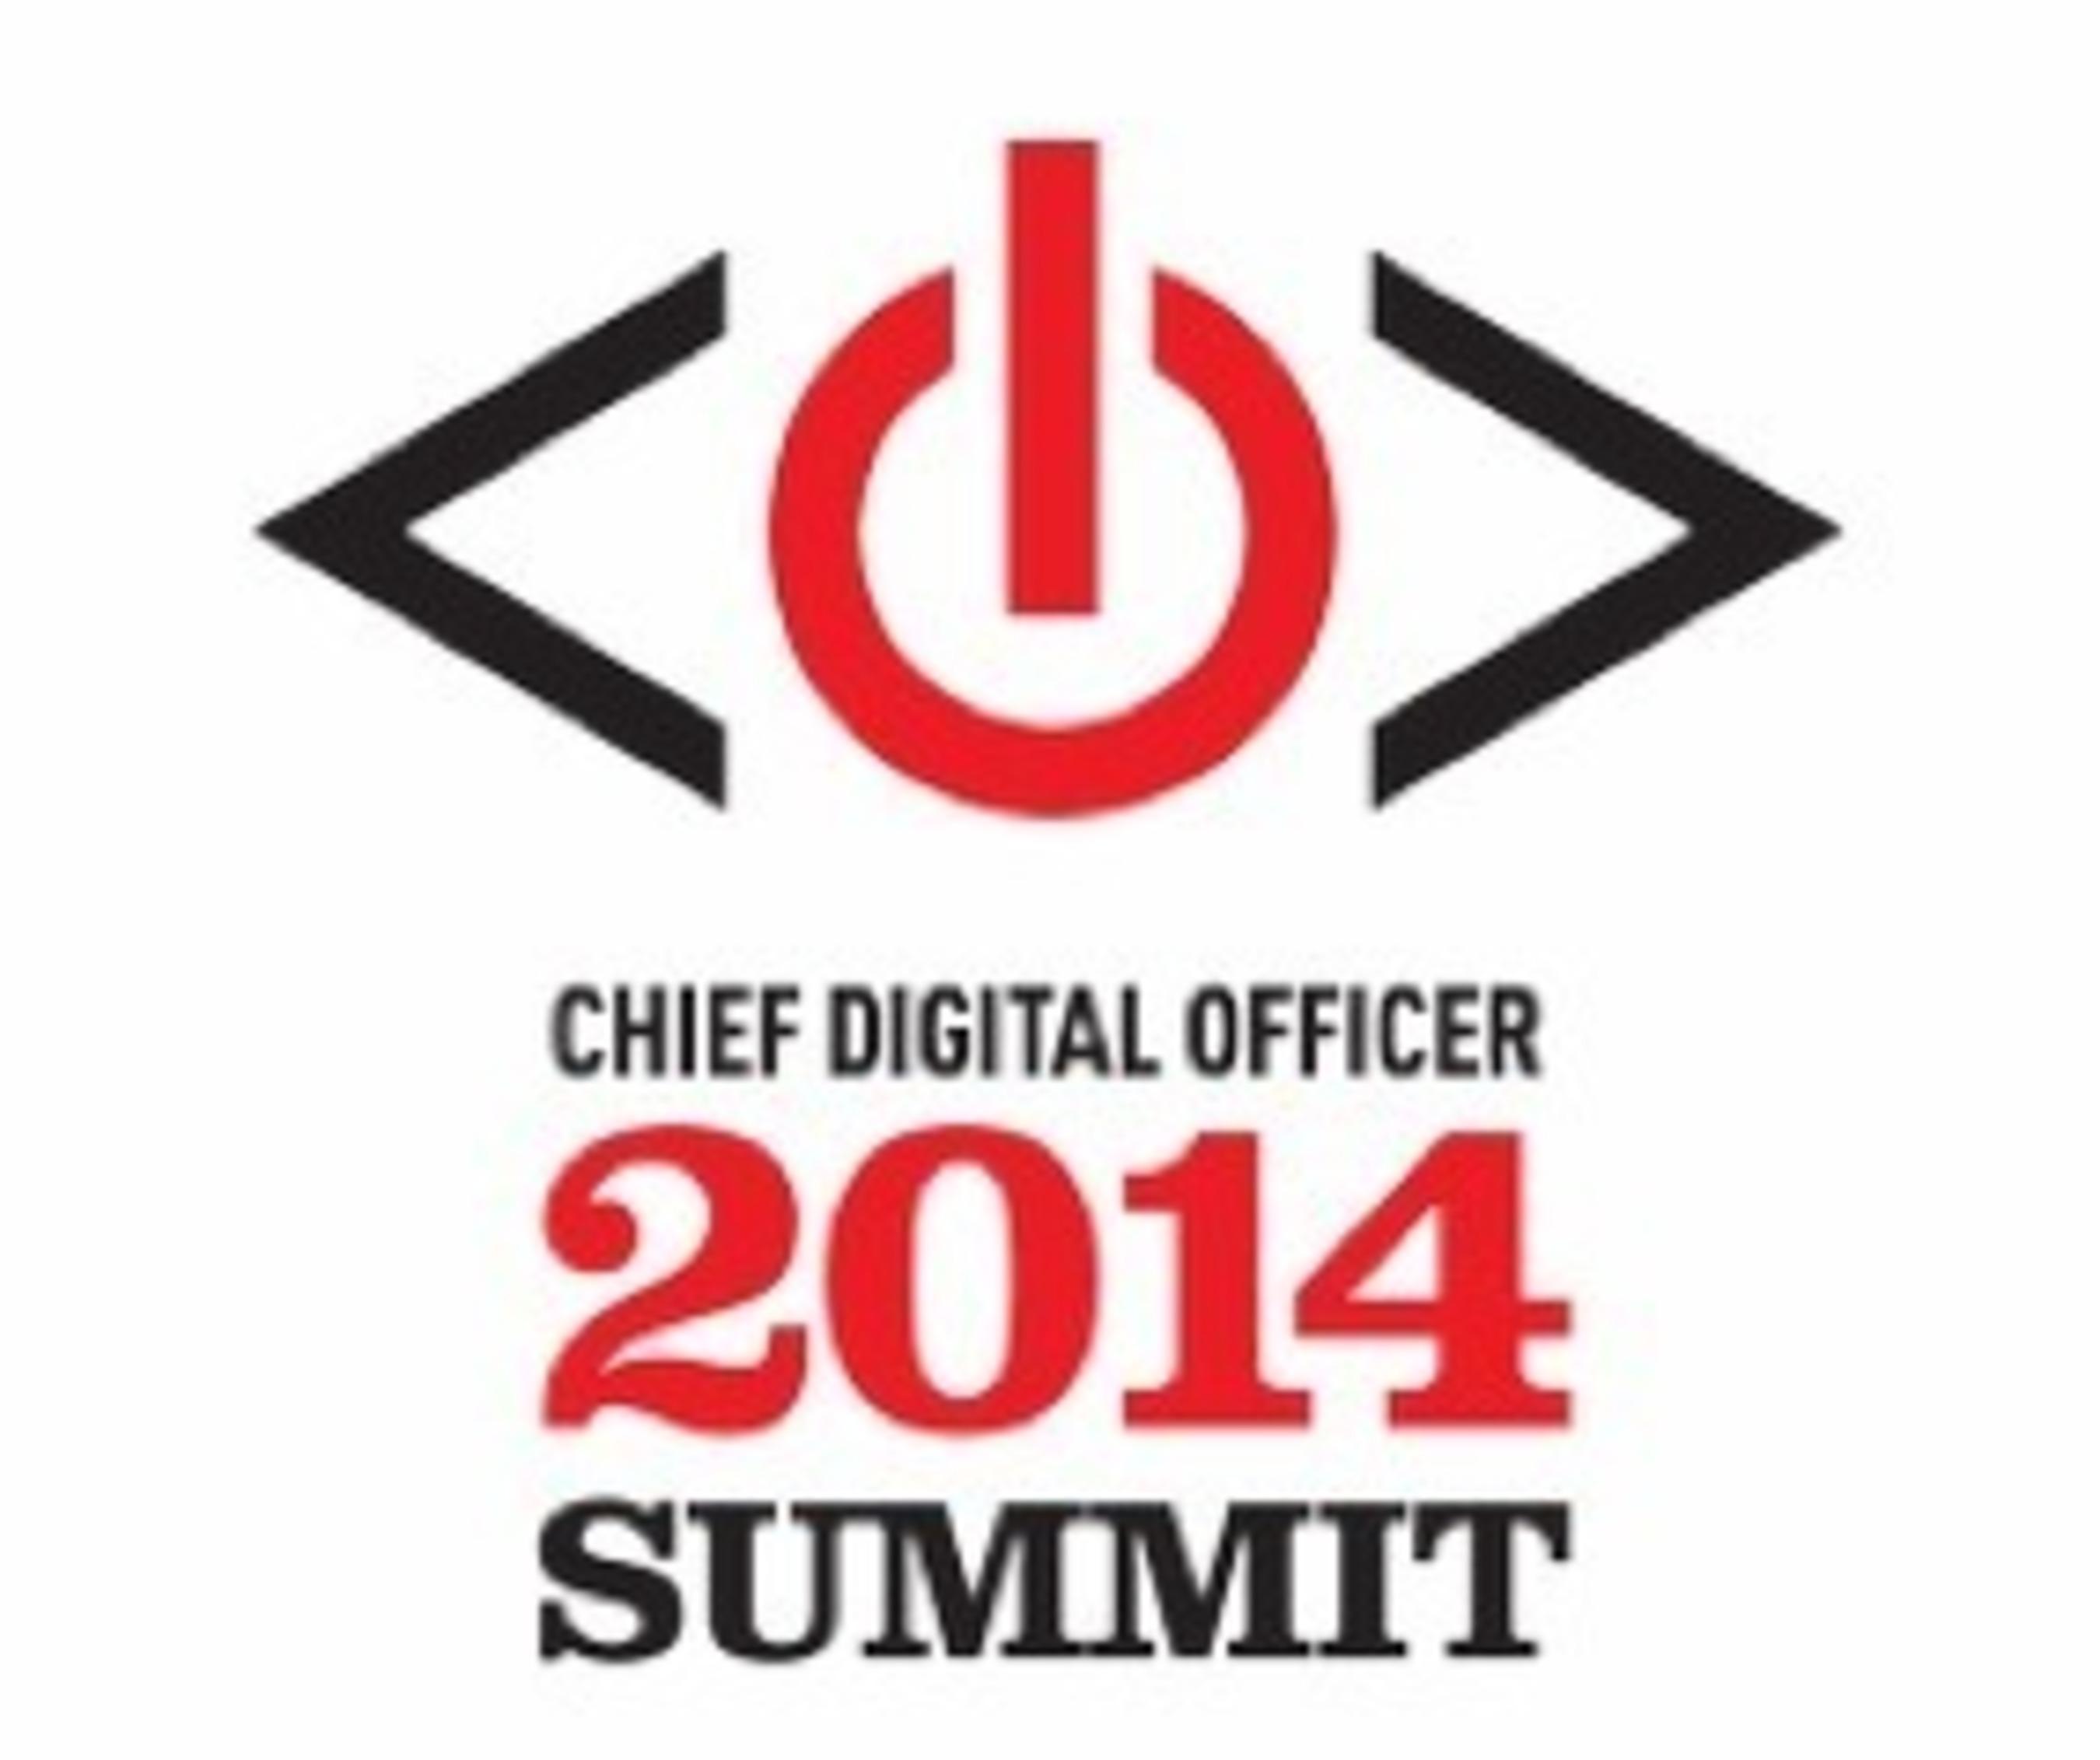 Chief Digital Officer Summit logo (PRNewsFoto/Chief Digital Officer Summit)